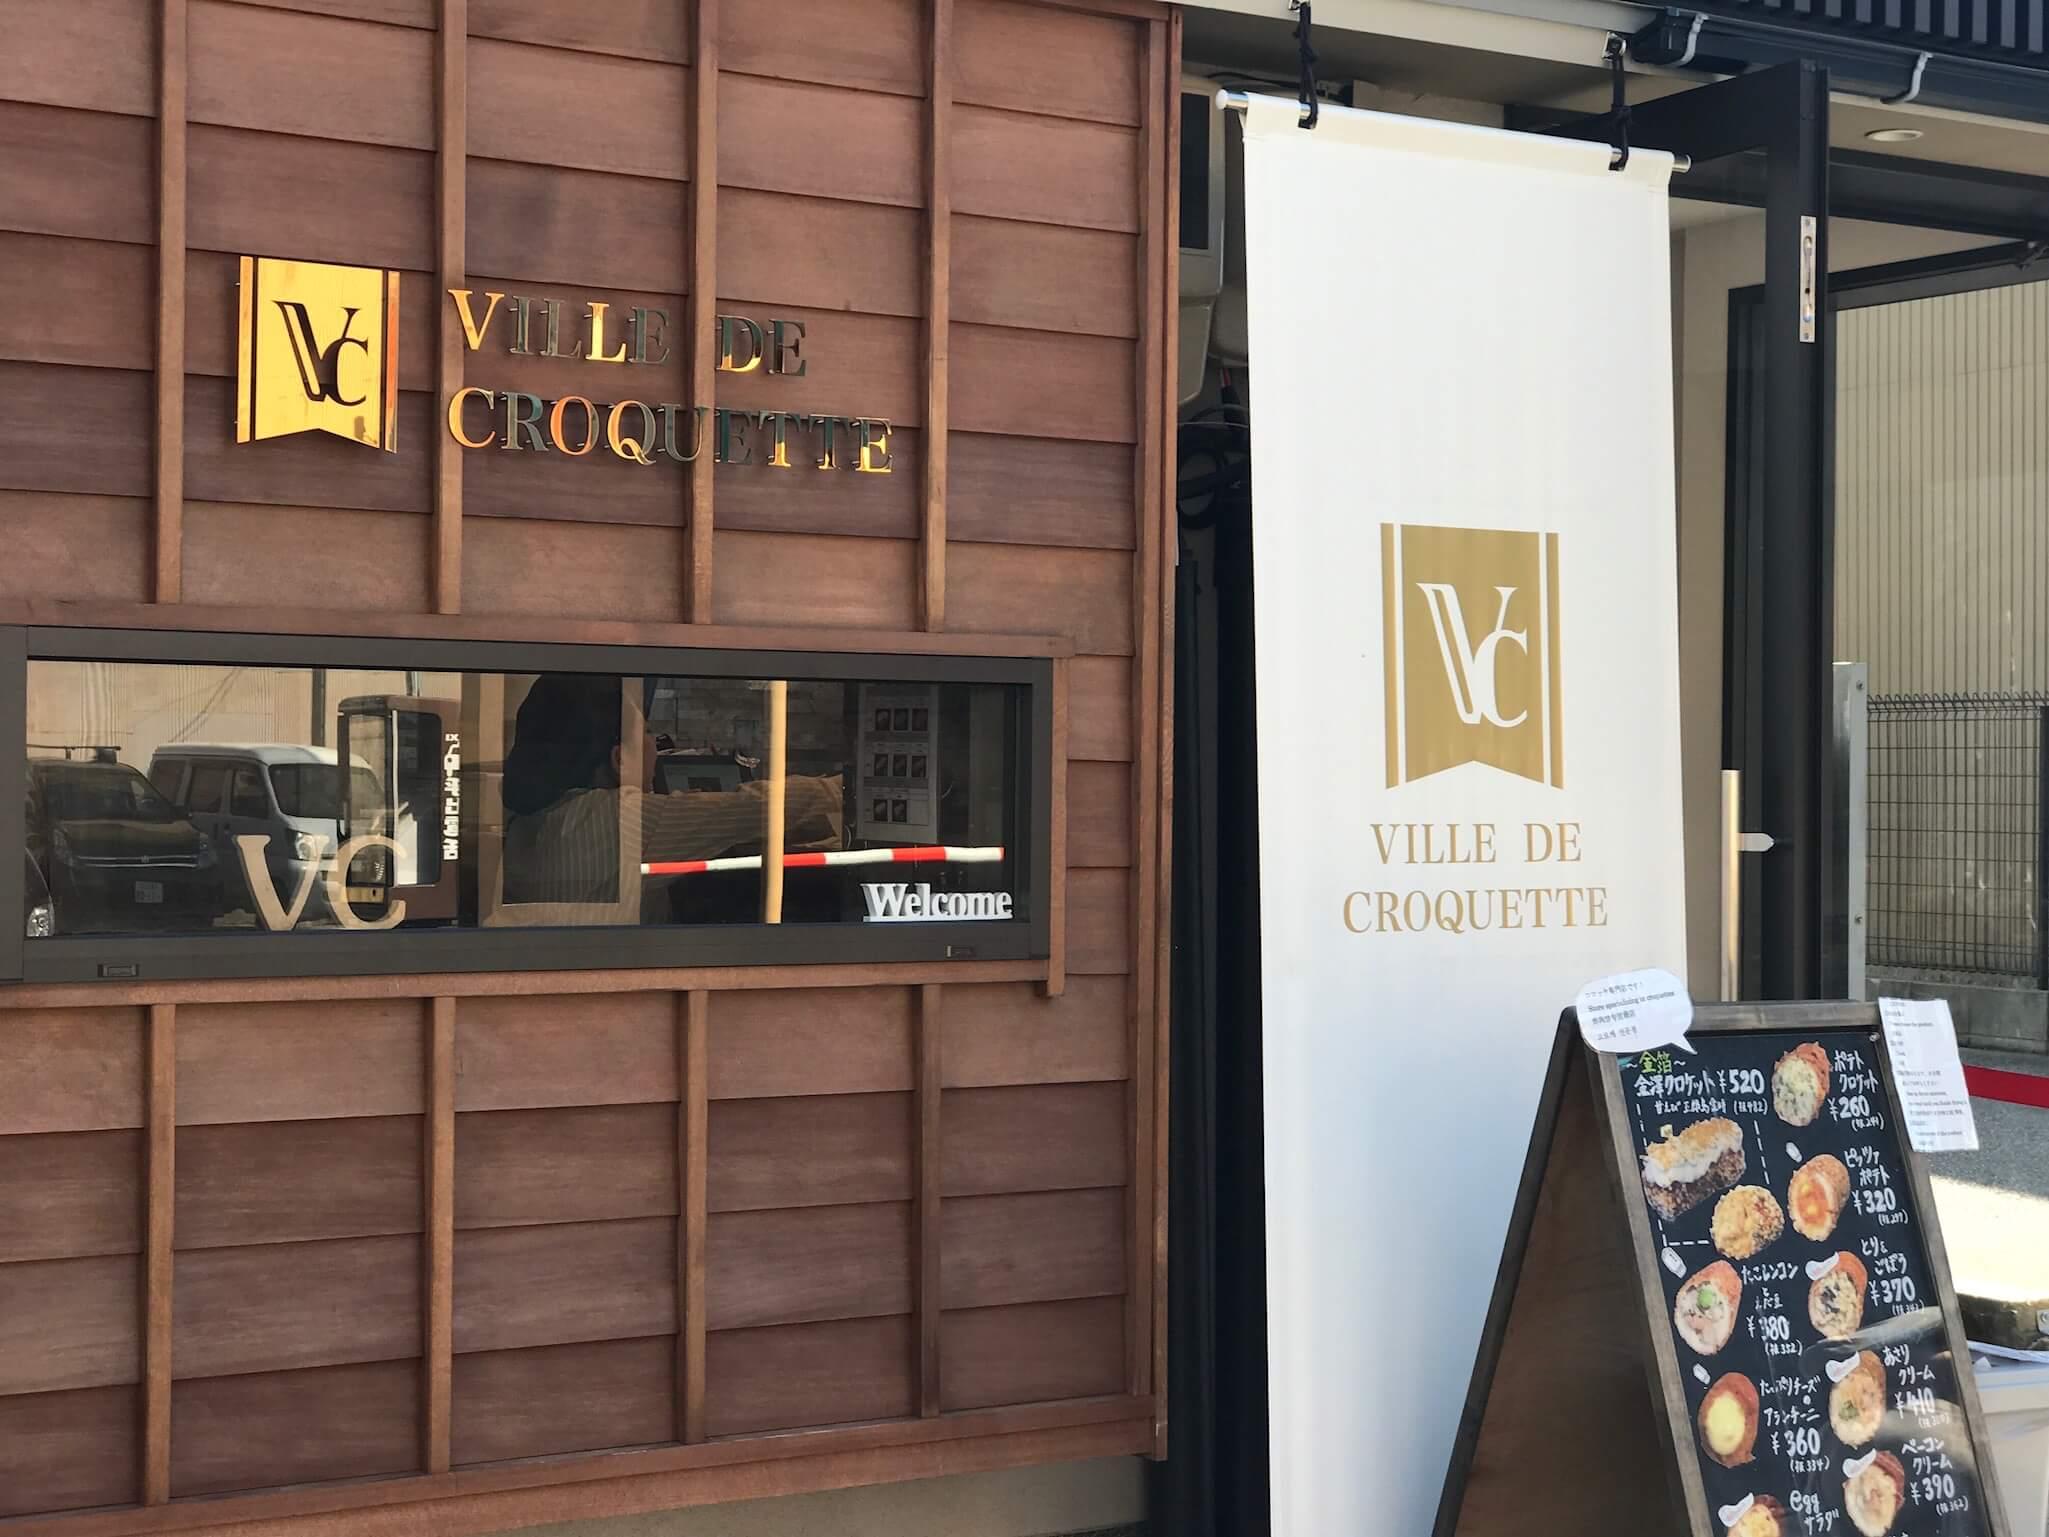 東山にあるオシャレコロッケ専門店「 VILLE DE CROQUETTE(ヴィレ・デ・クロケット) 」を初体験♬